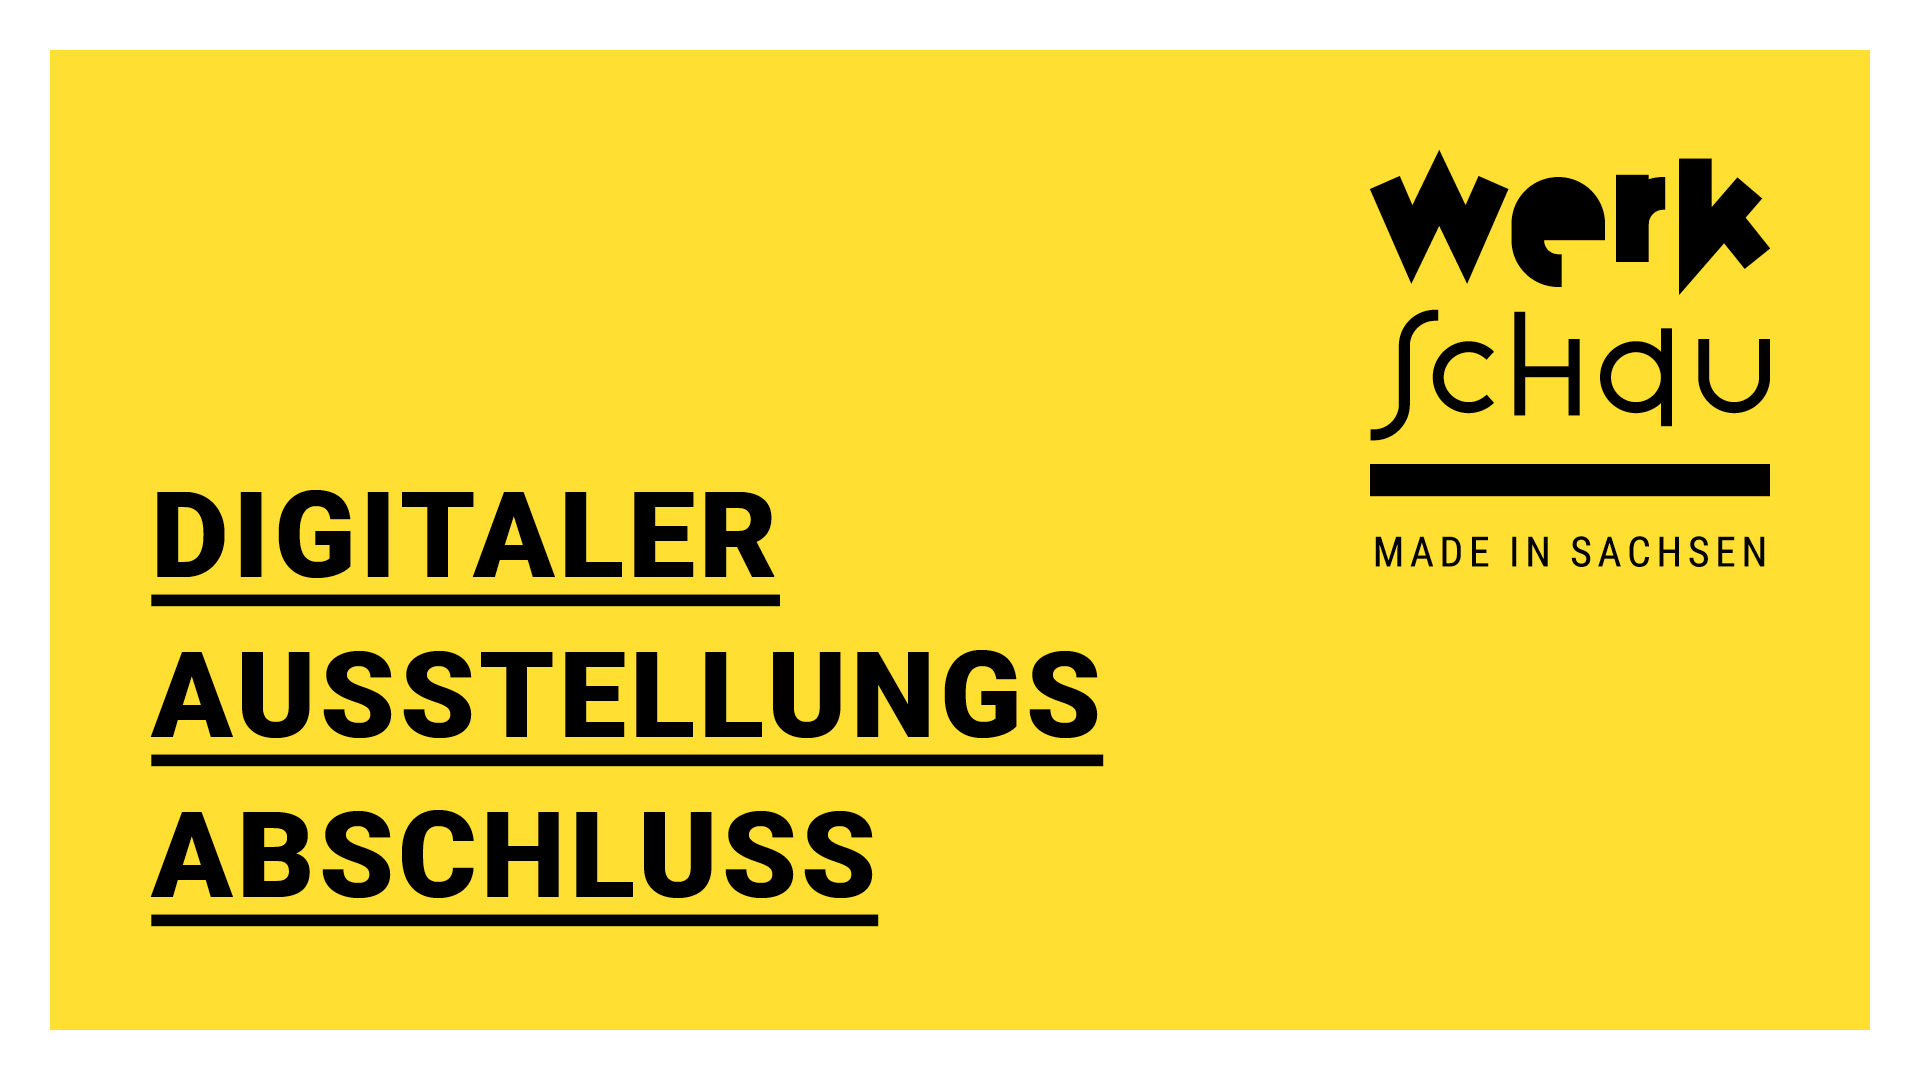 KreativesSachsen_WerkSchau_Softclosing (1)